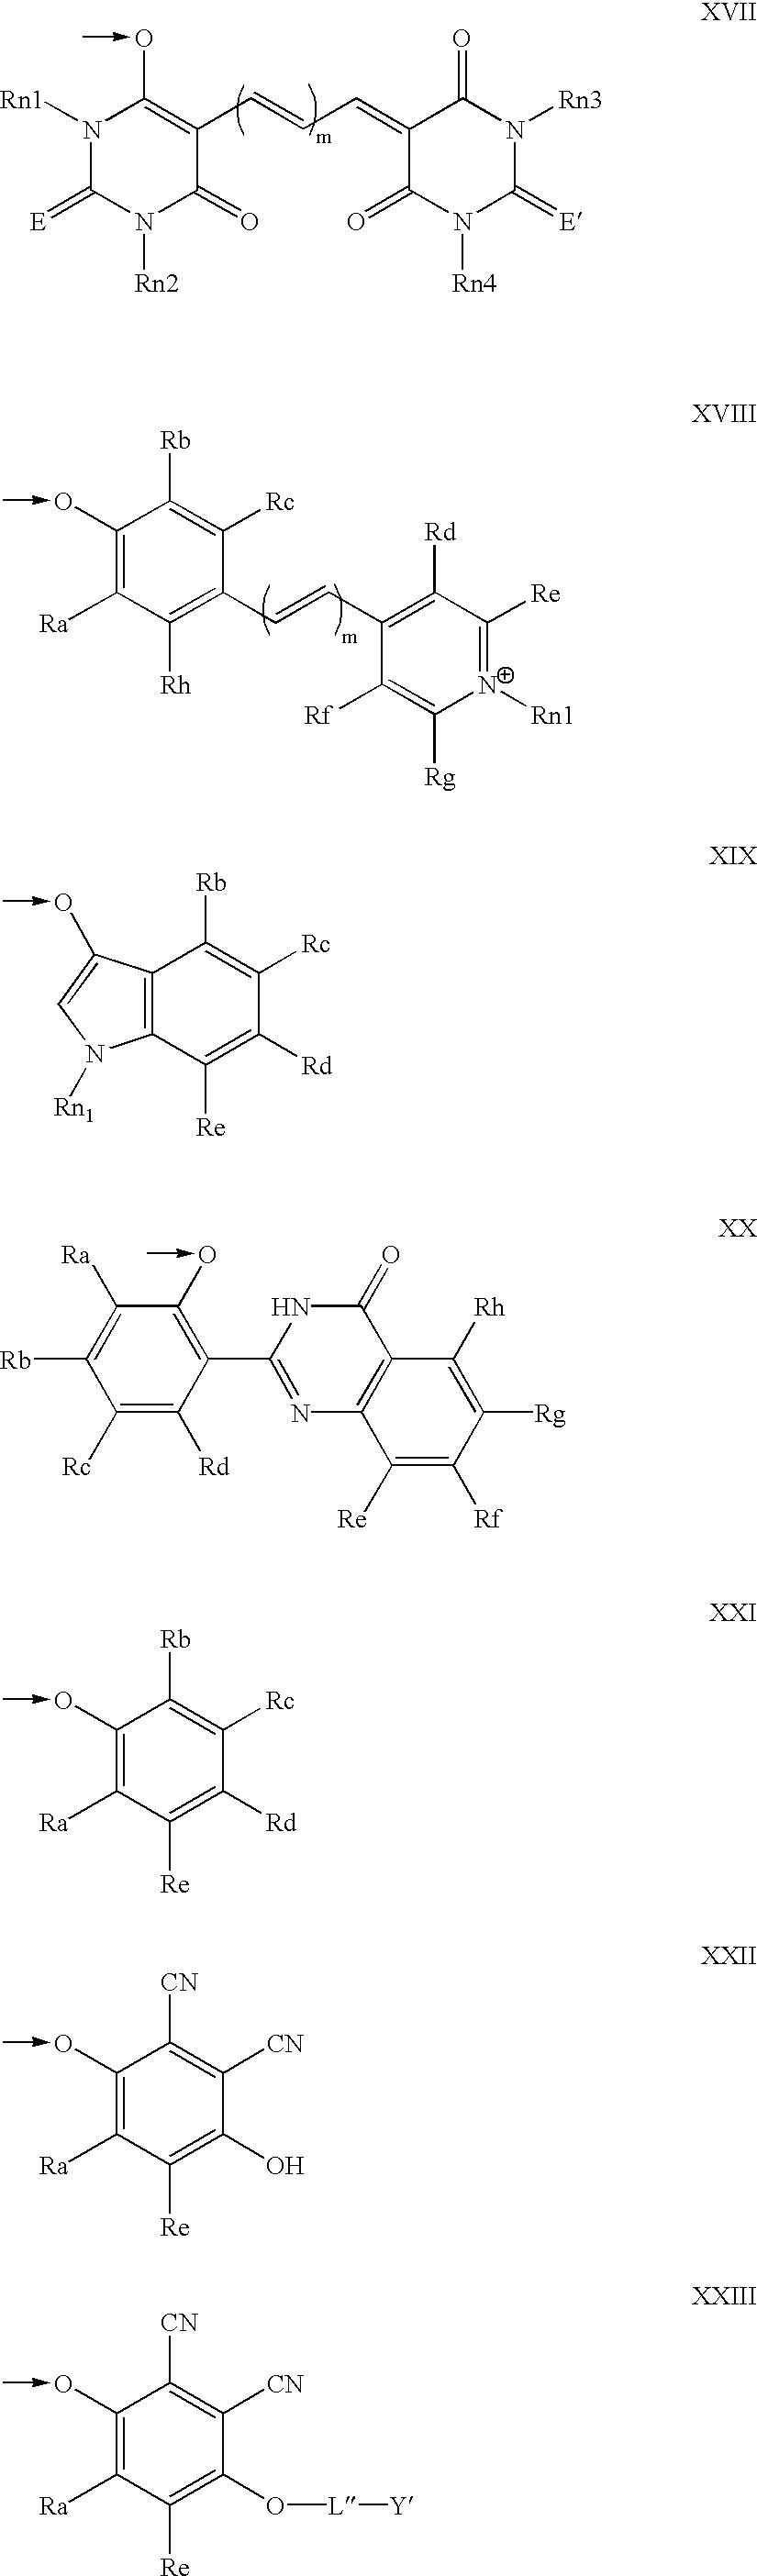 Figure US06514687-20030204-C00090